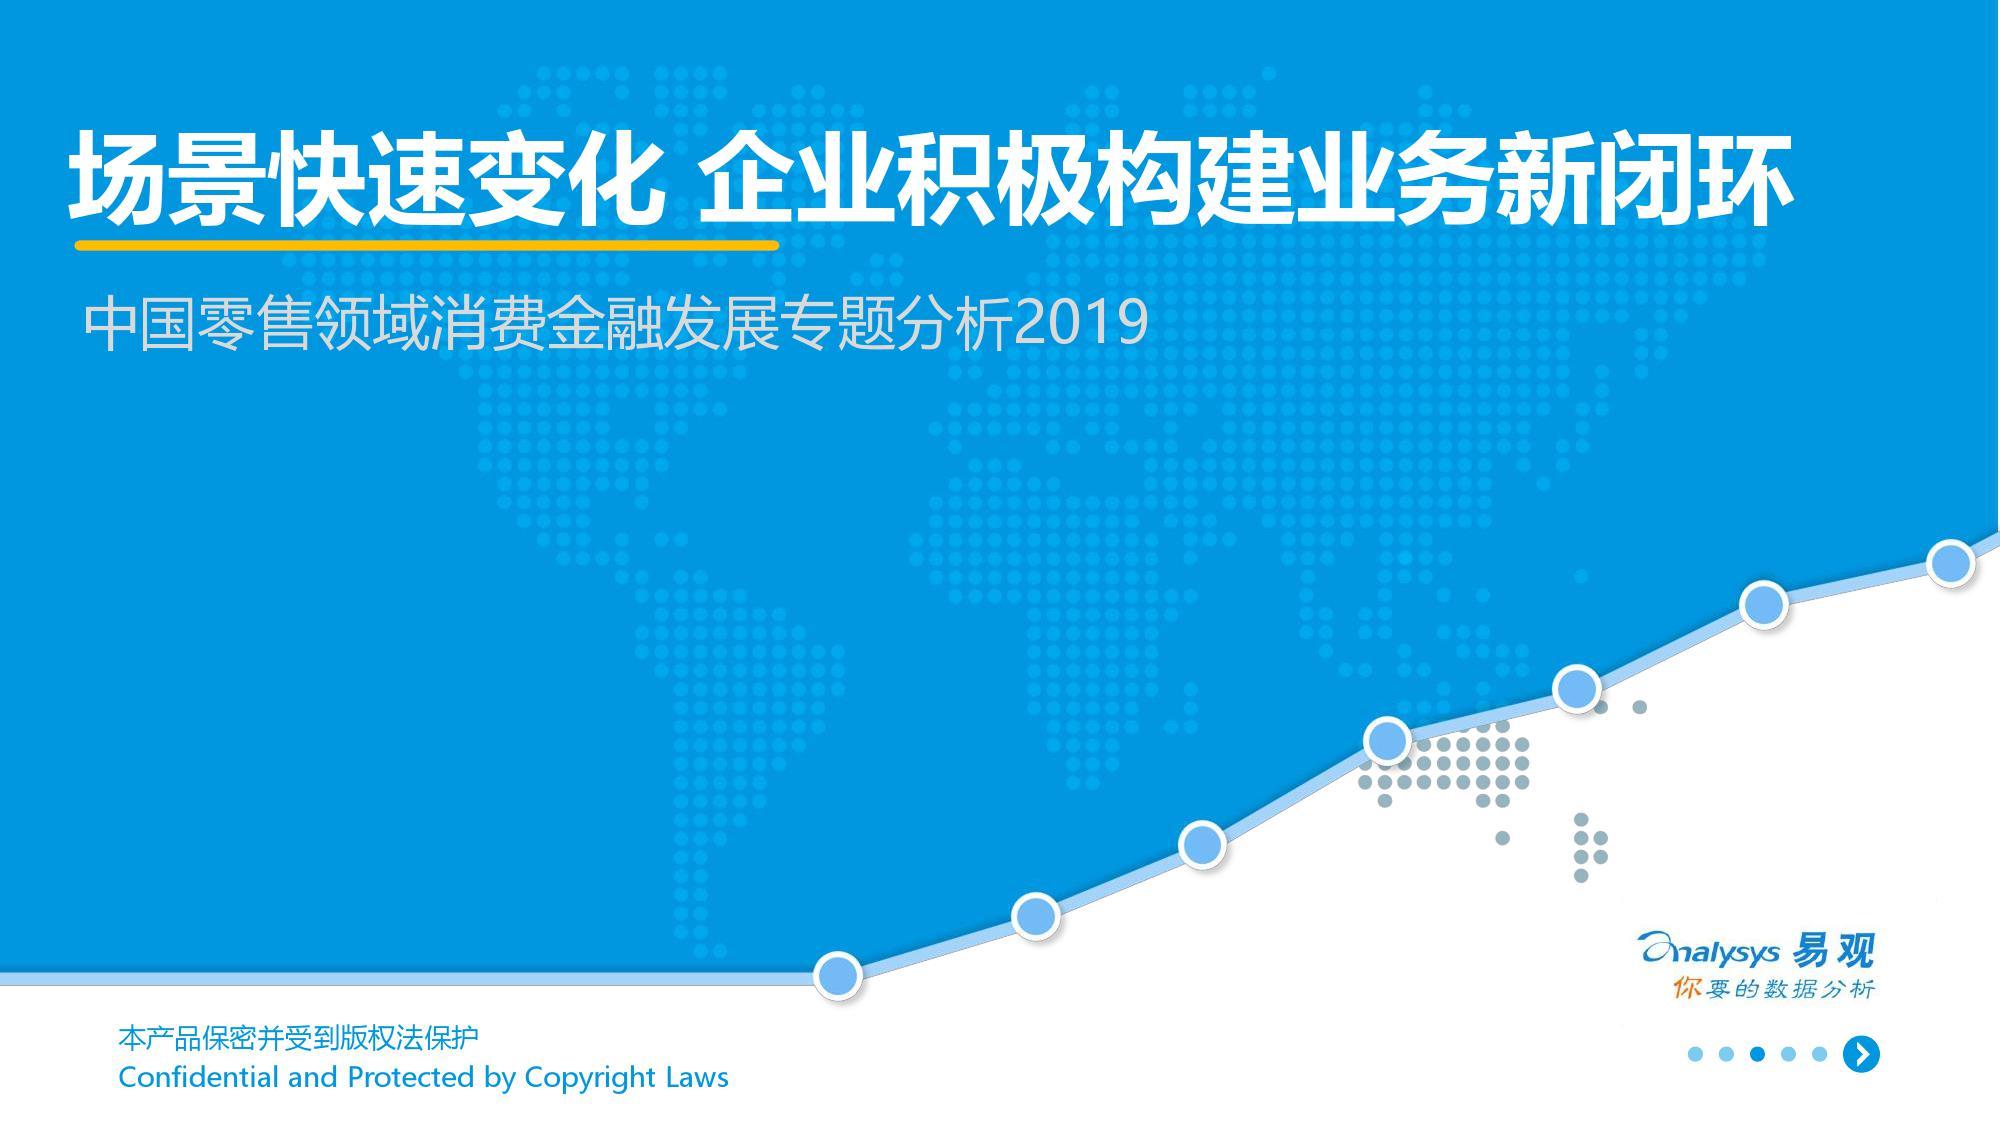 易观:2019中国零售领域消费金融发展专题分析(附下载)